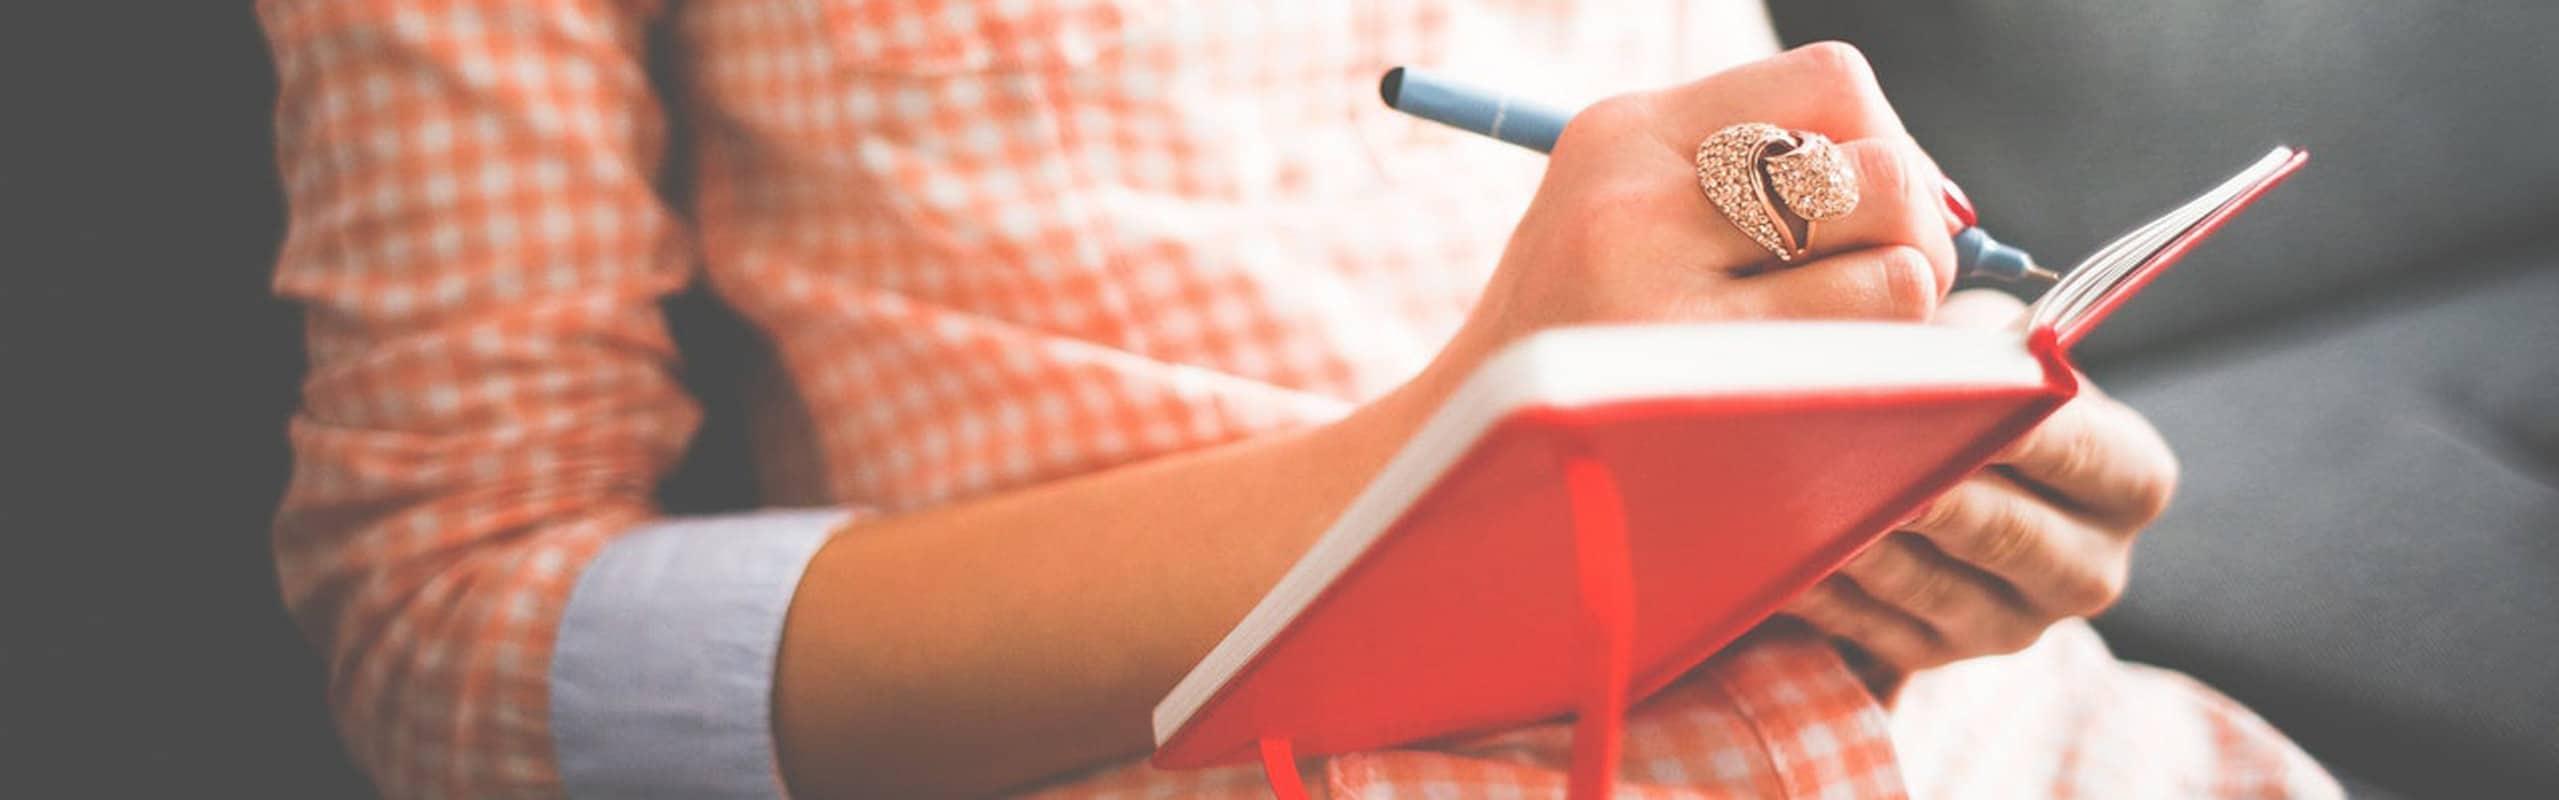 Descubre cómo escribir un libro y conviértete en un escritor de éxito